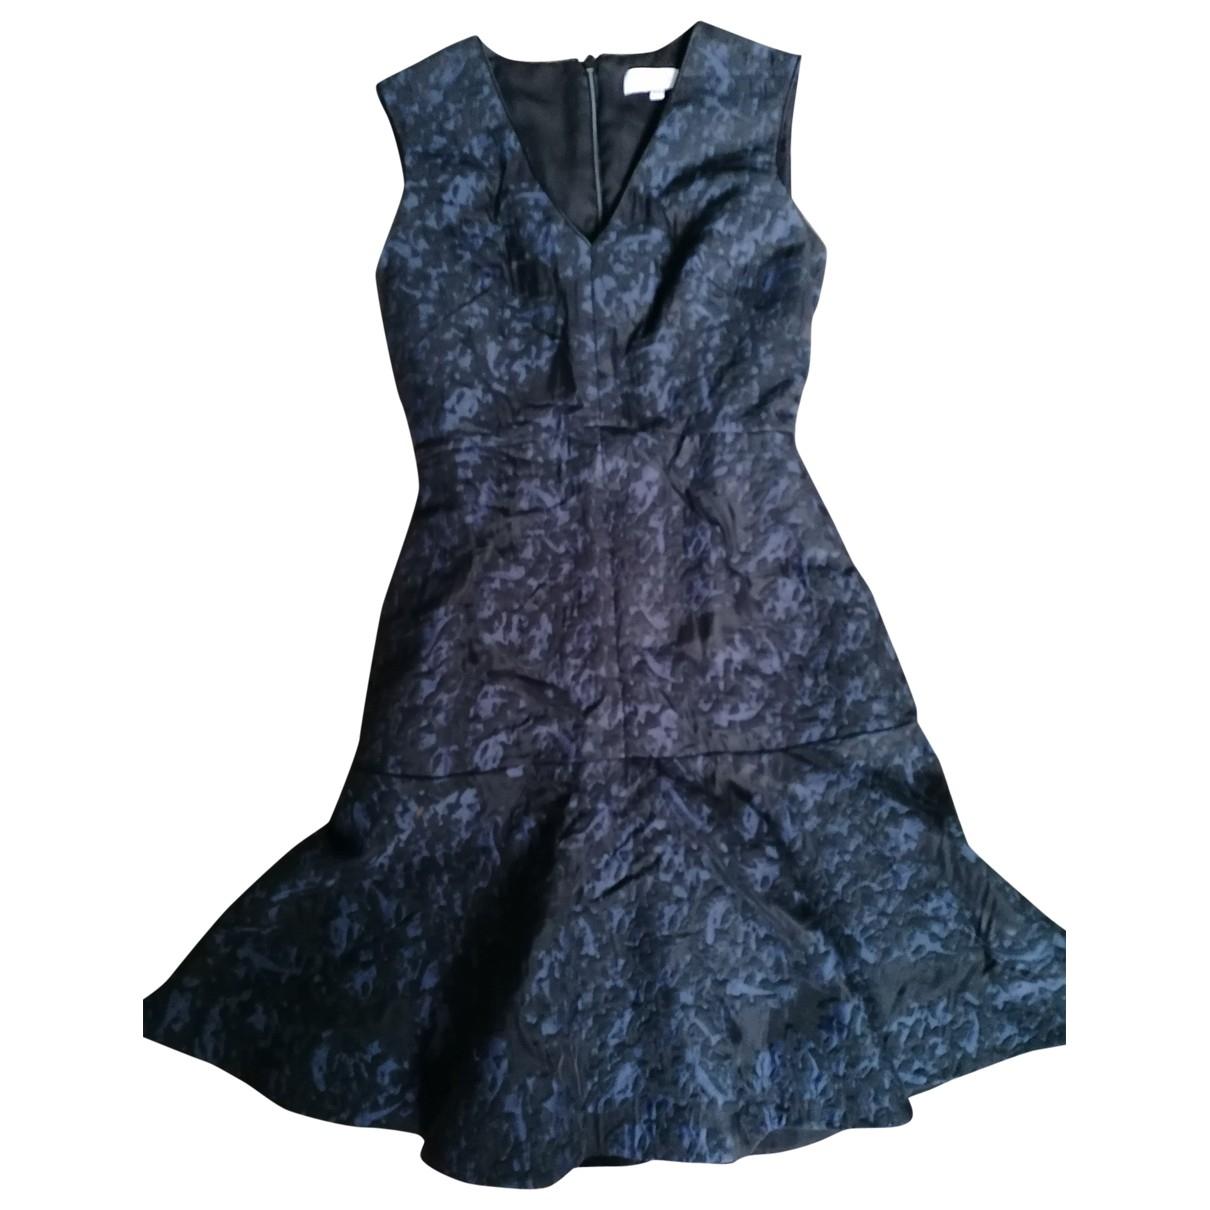 Reiss \N Kleid in  Blau Synthetik